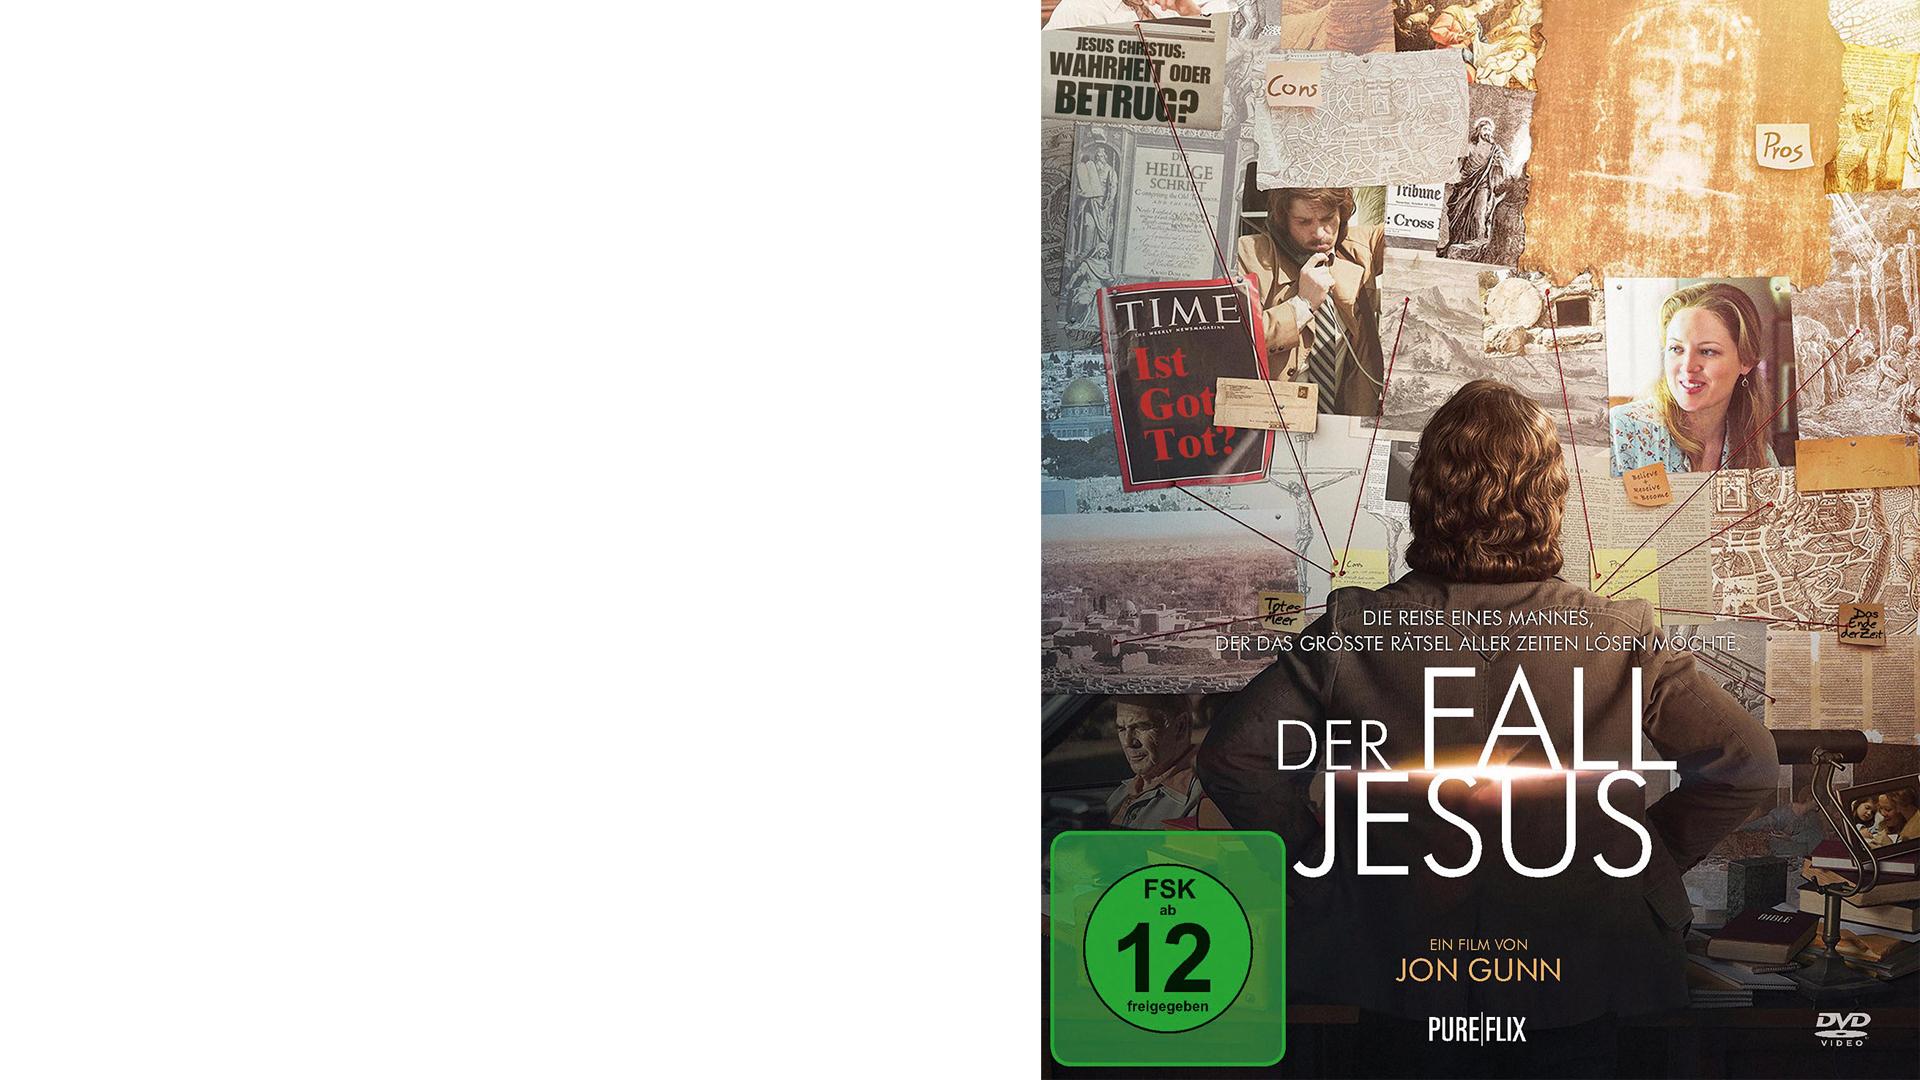 """""""Der Fall Jesus"""", Gerth Medien auf DVD und Blu-ray, 15 Euro, freigegeben ab zwölf Jahren, ISBN 4051238056402"""